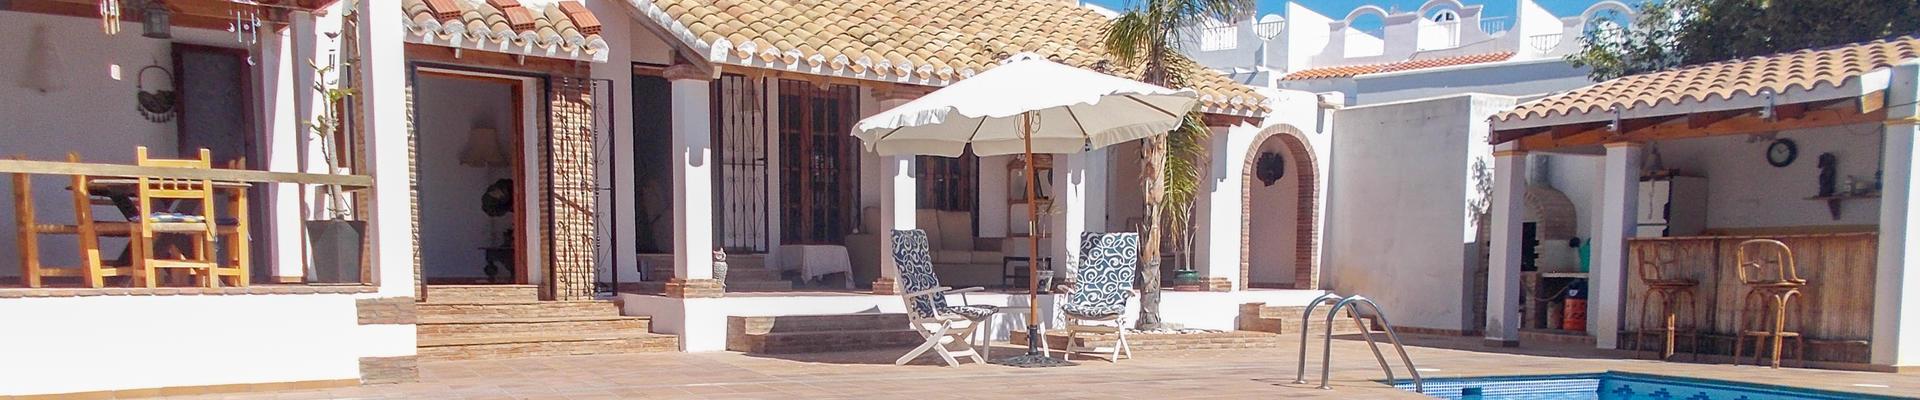 DV1460: 6 Bedroom Villa for Sale